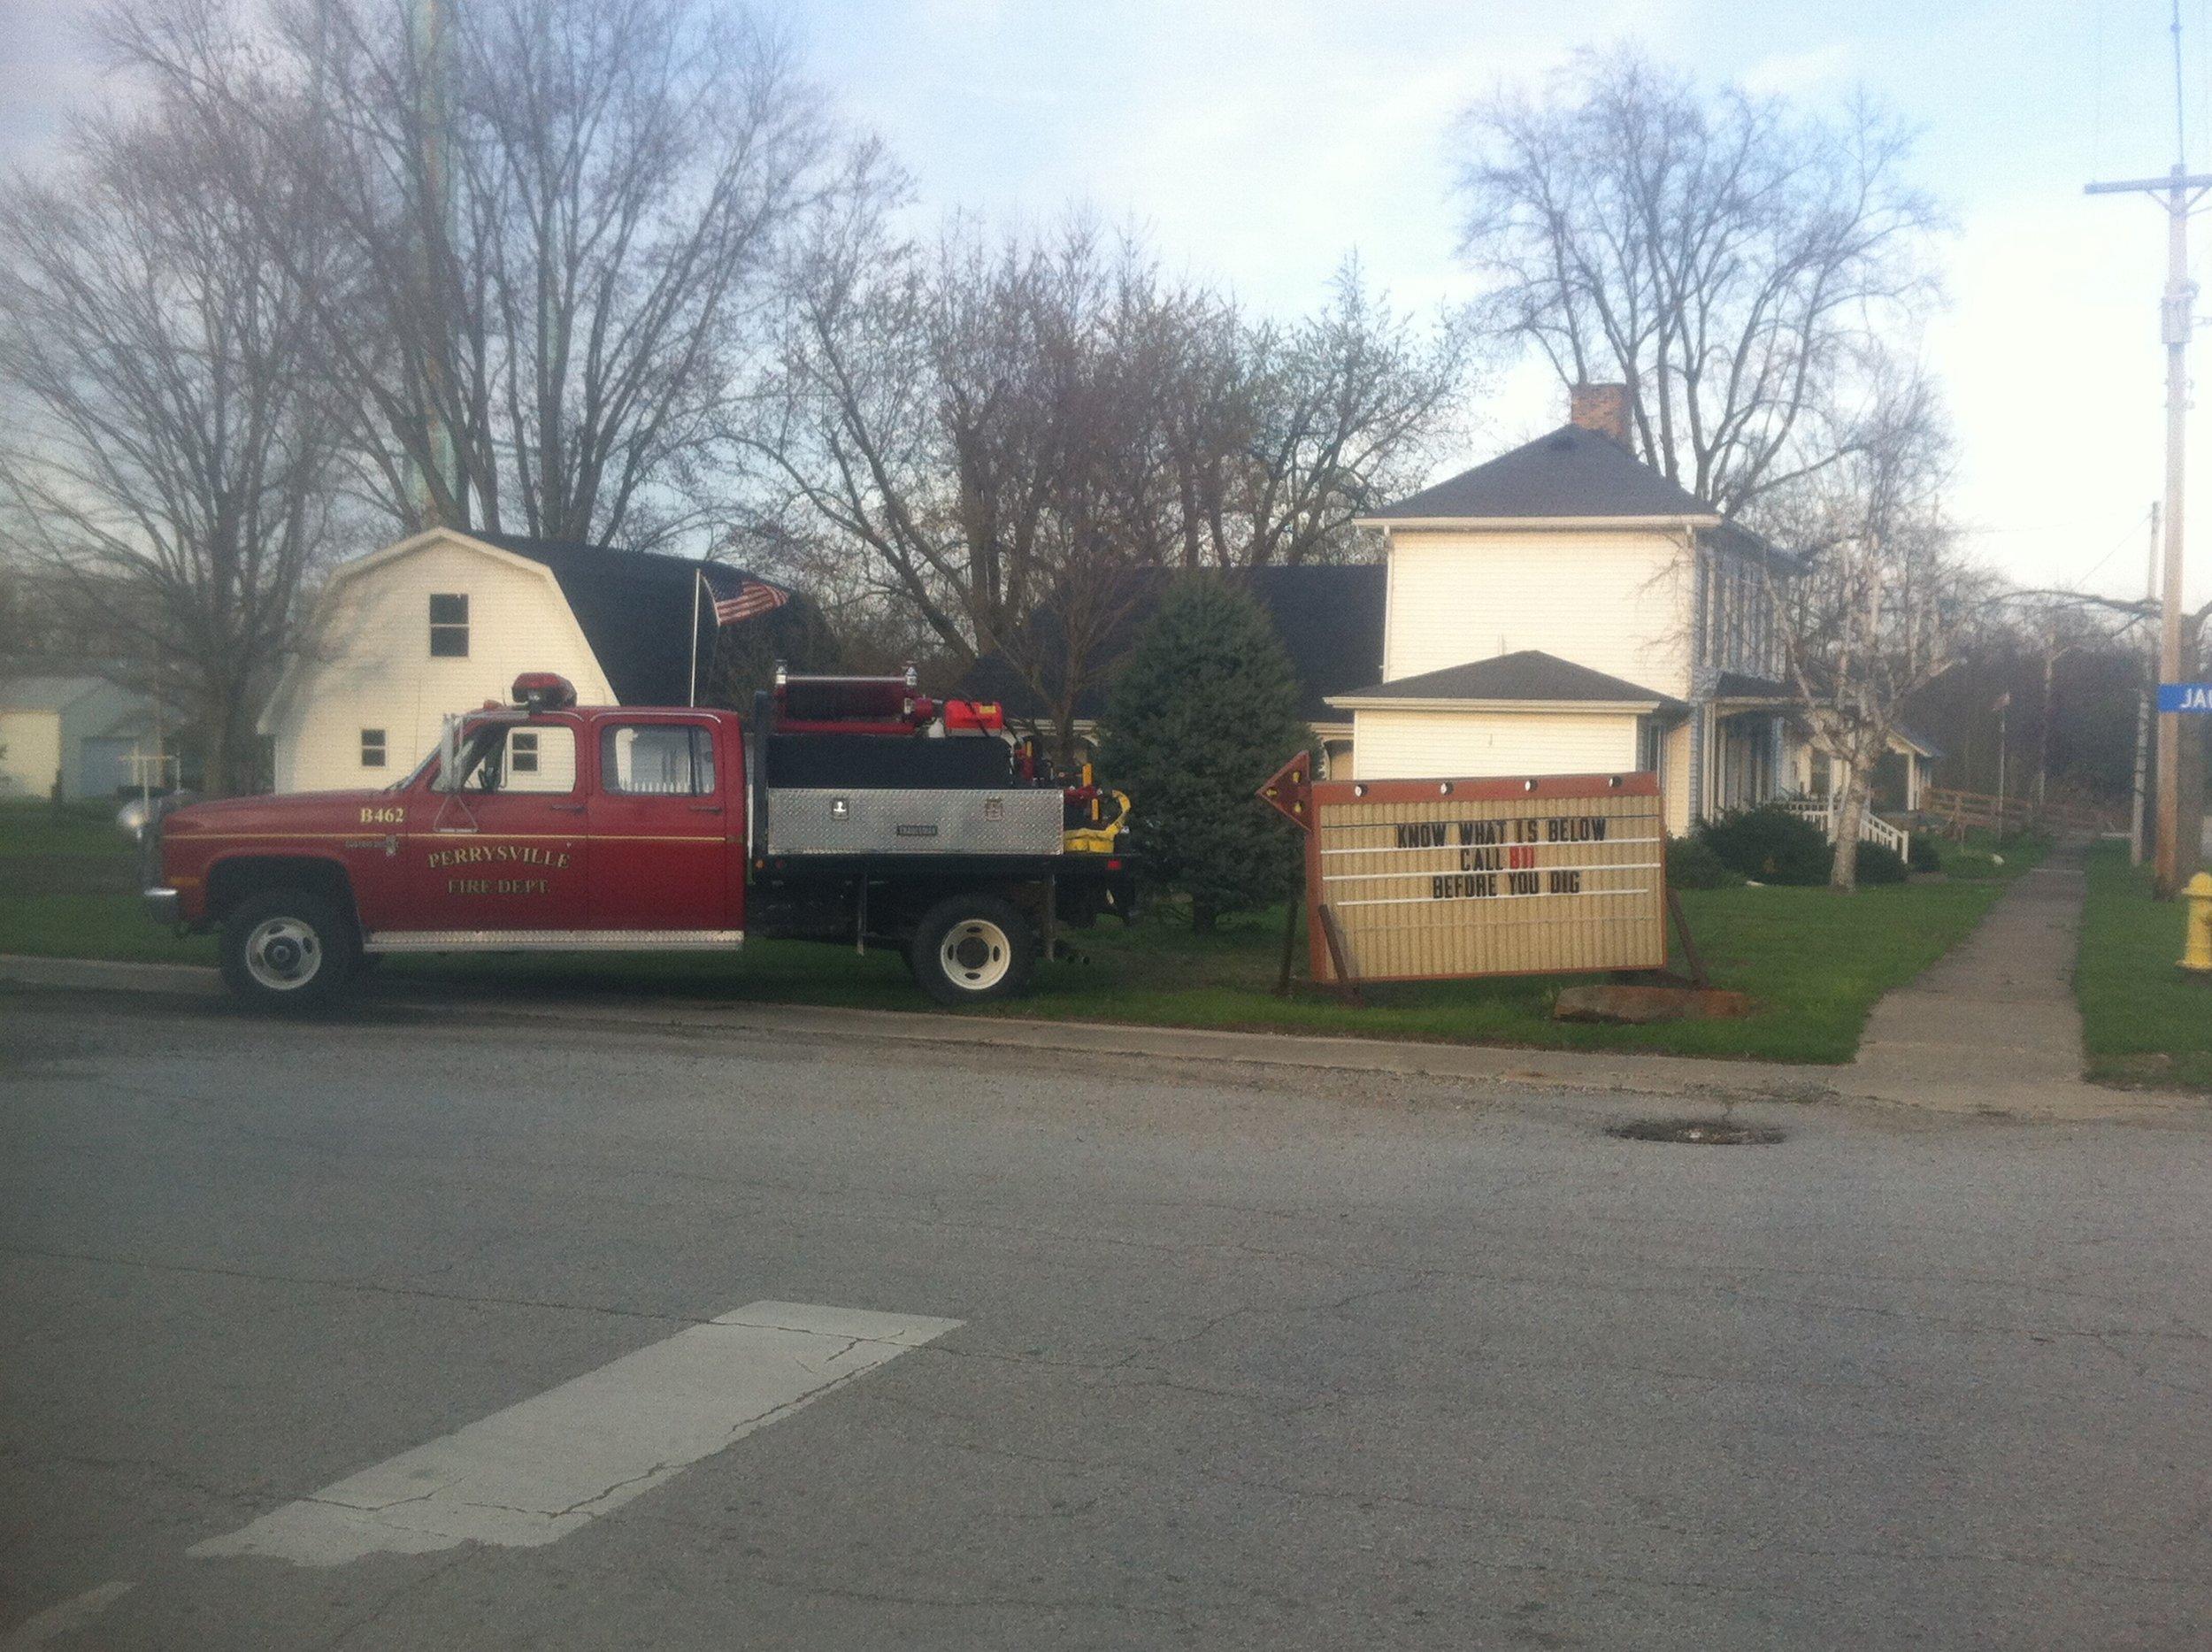 Perrysville Volunteer Fire Department